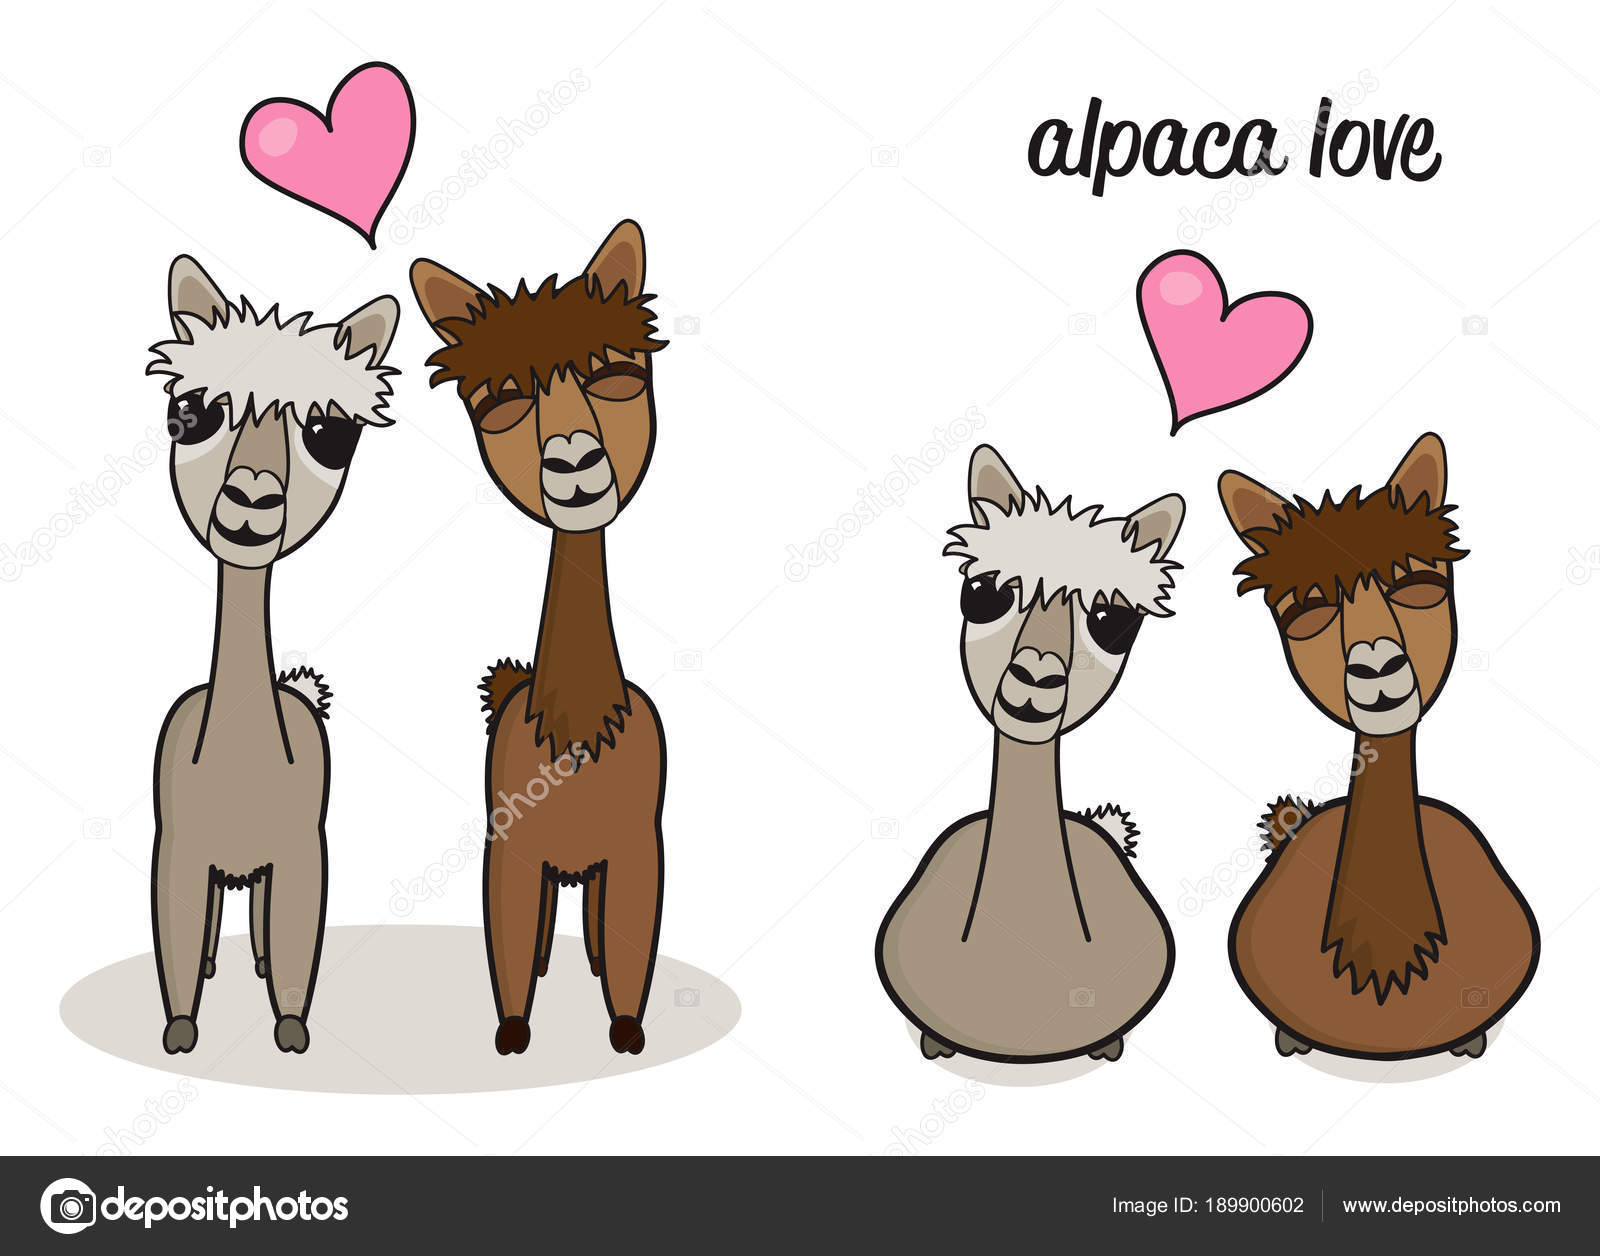 かわいい漫画アルパカ夫婦愛の図 ストックベクター Juliedeshaies